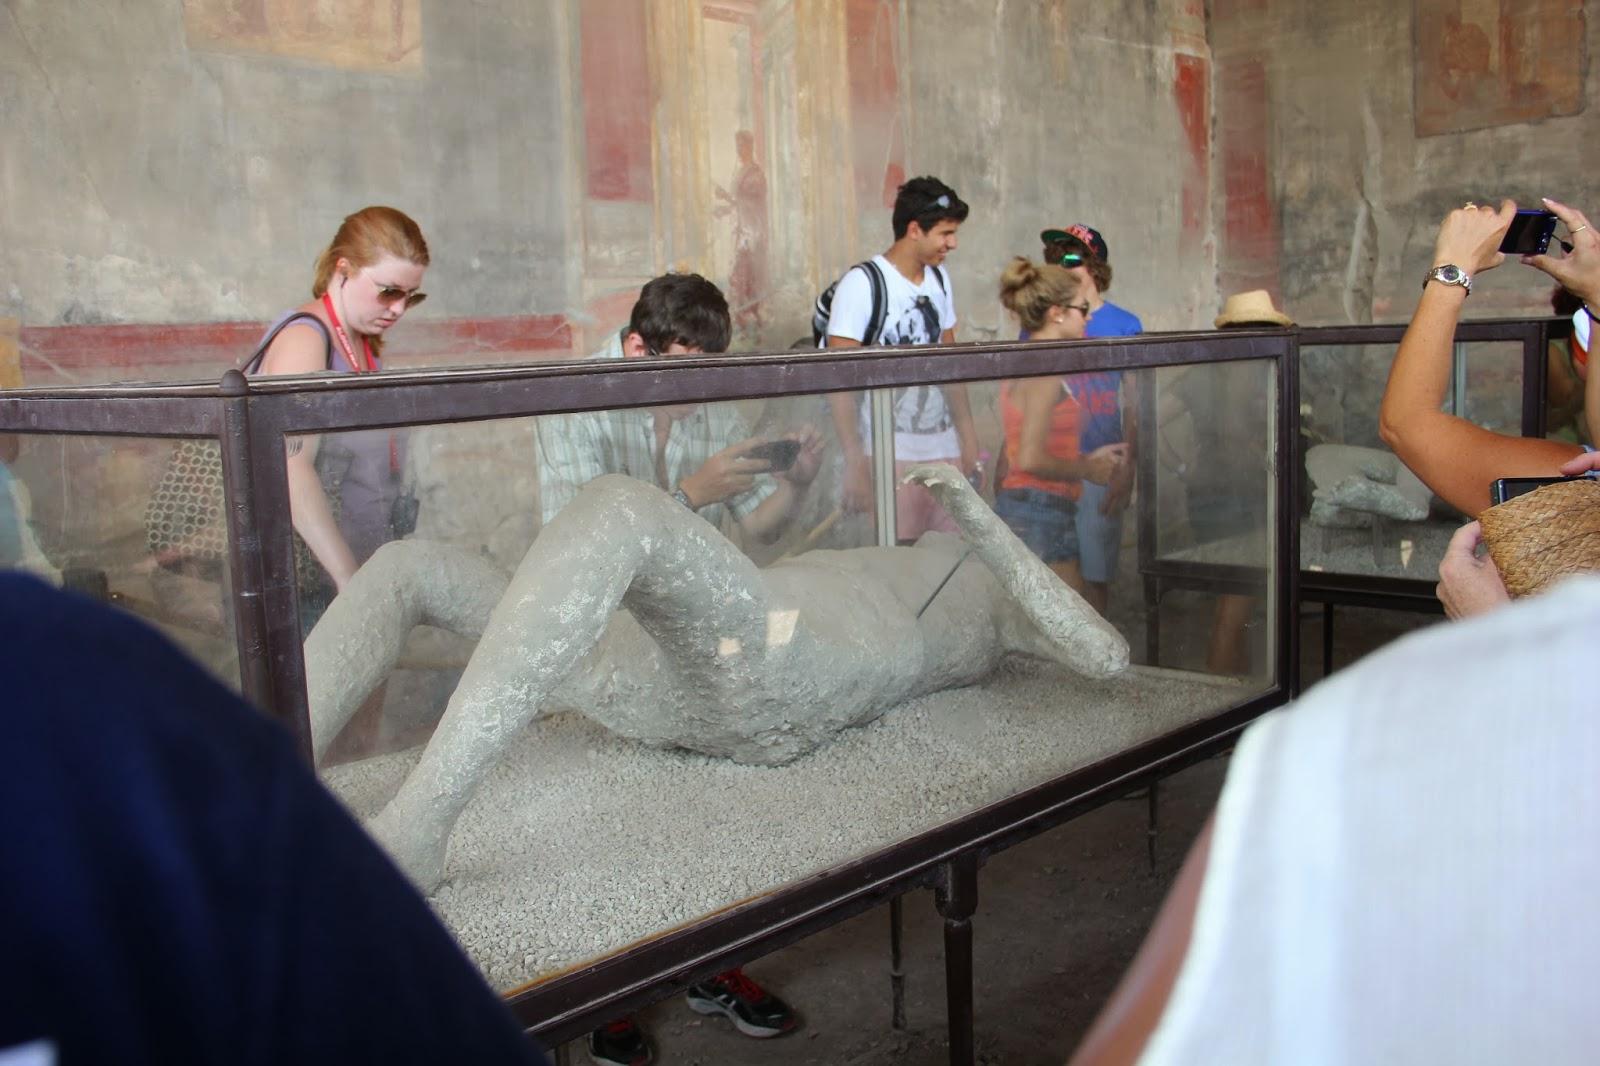 Alguns corpos que foram encontrados no local, após a erupção do vulcão, ainda conservados